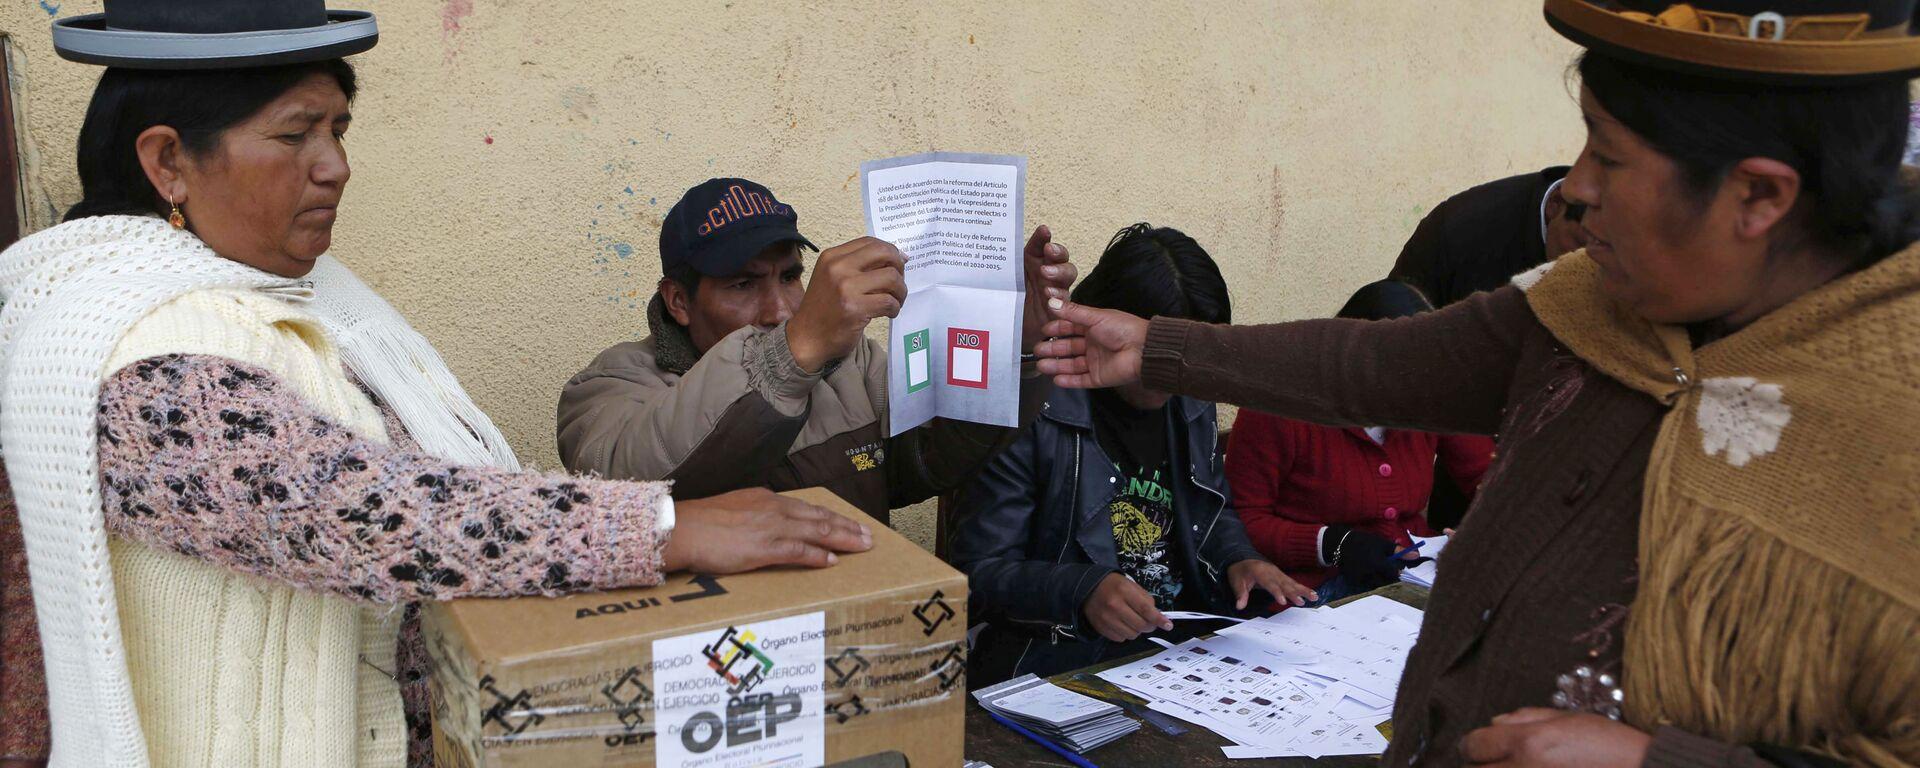 Elecciones en Bolivia (archivo) - Sputnik Mundo, 1920, 06.01.2021